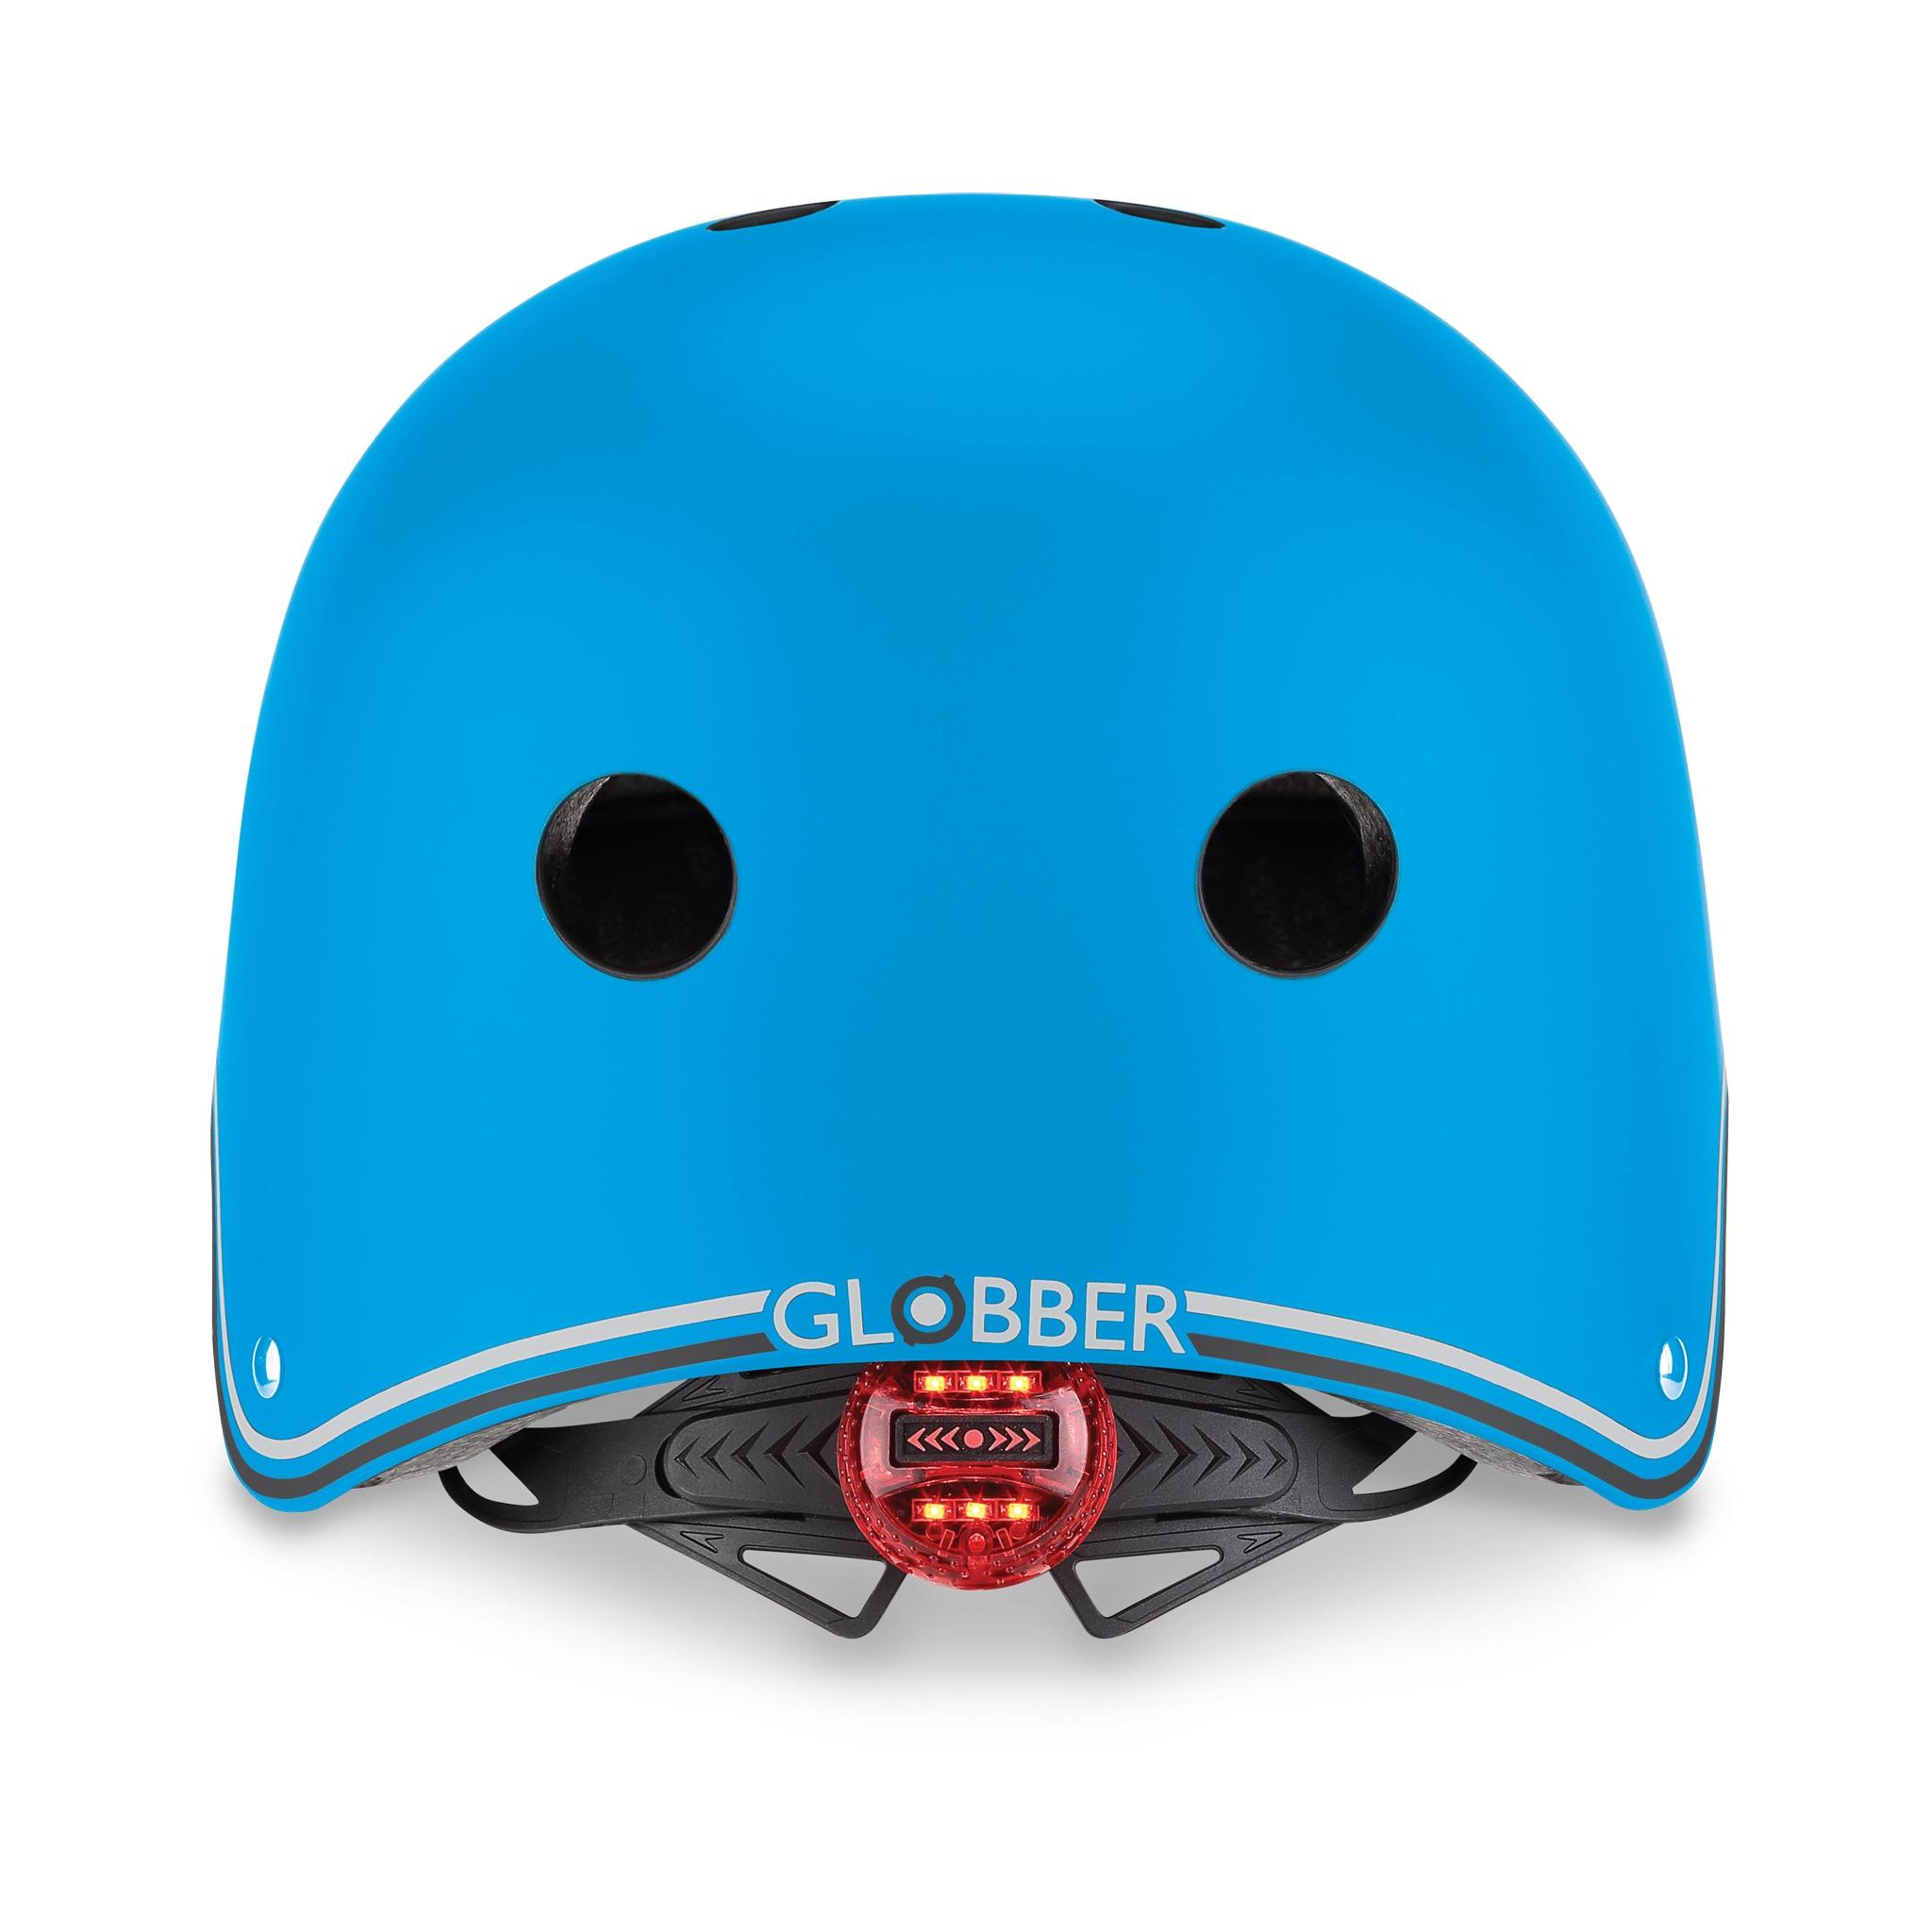 PRIMO-helmets-scooter-helmets-for-kids-with-LED-lights-safe-helmet-for-kids-sky-blue 2